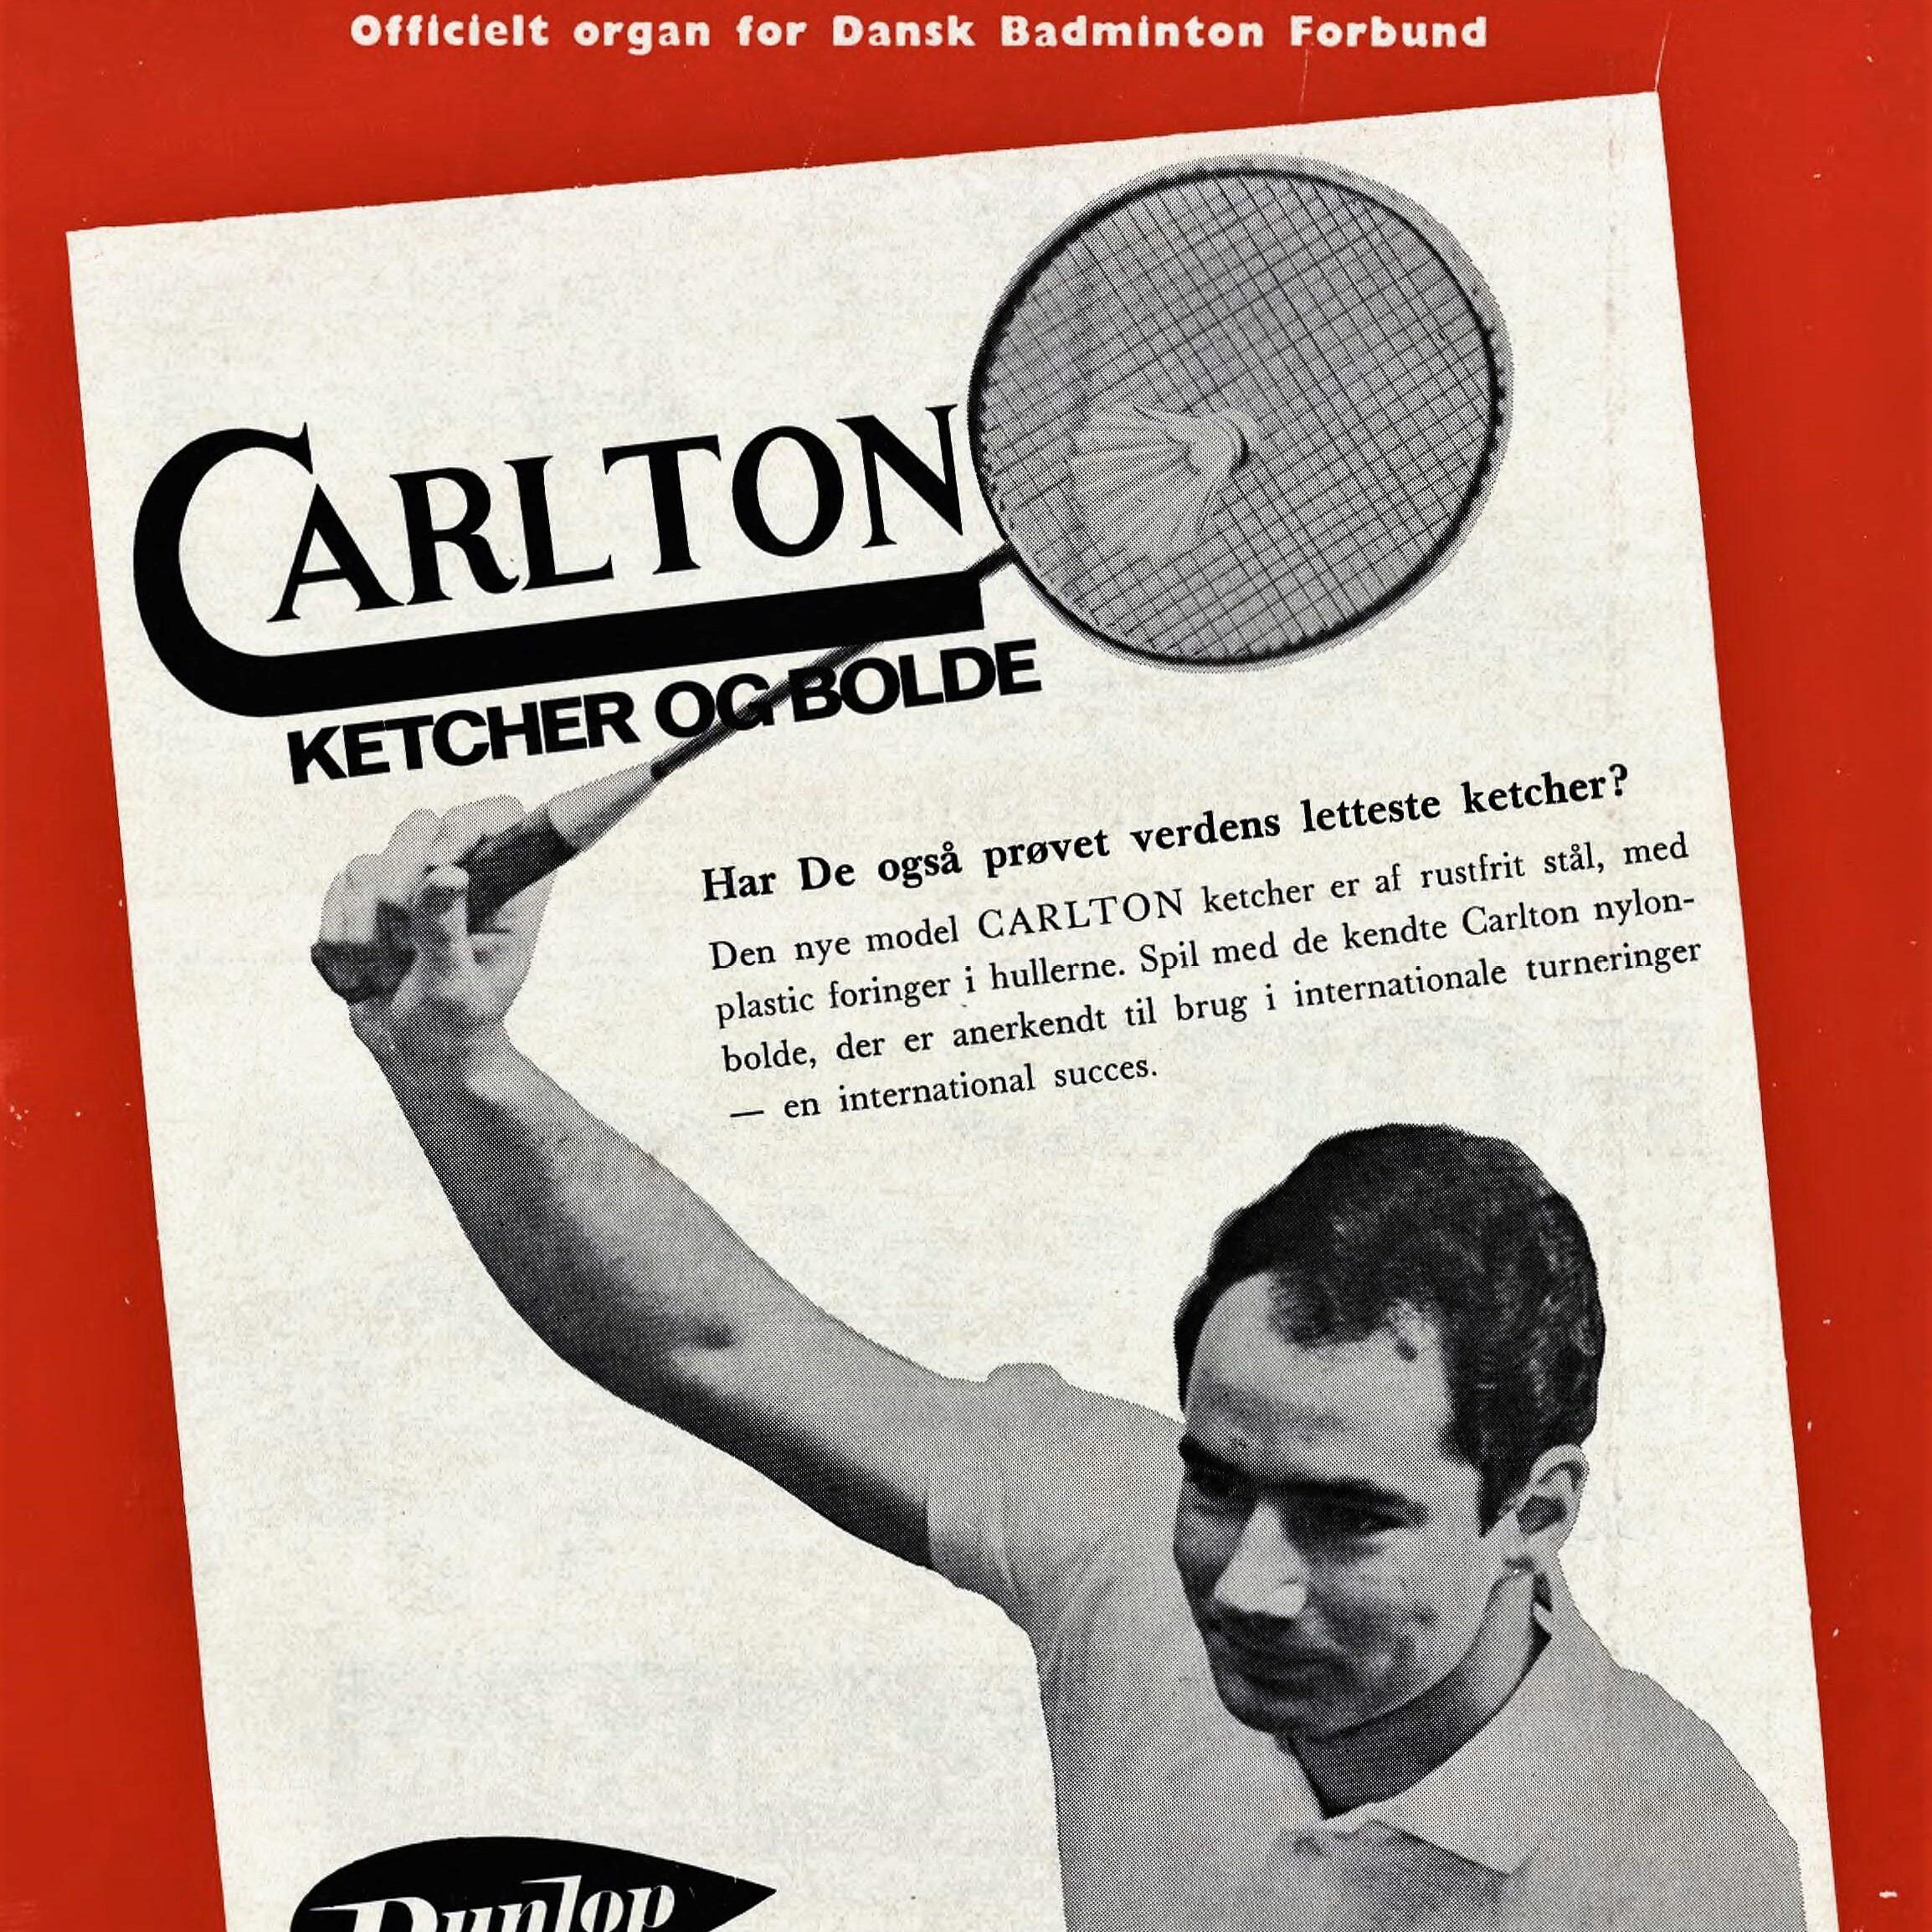 Forsiden Af Badminton 1969 (1)